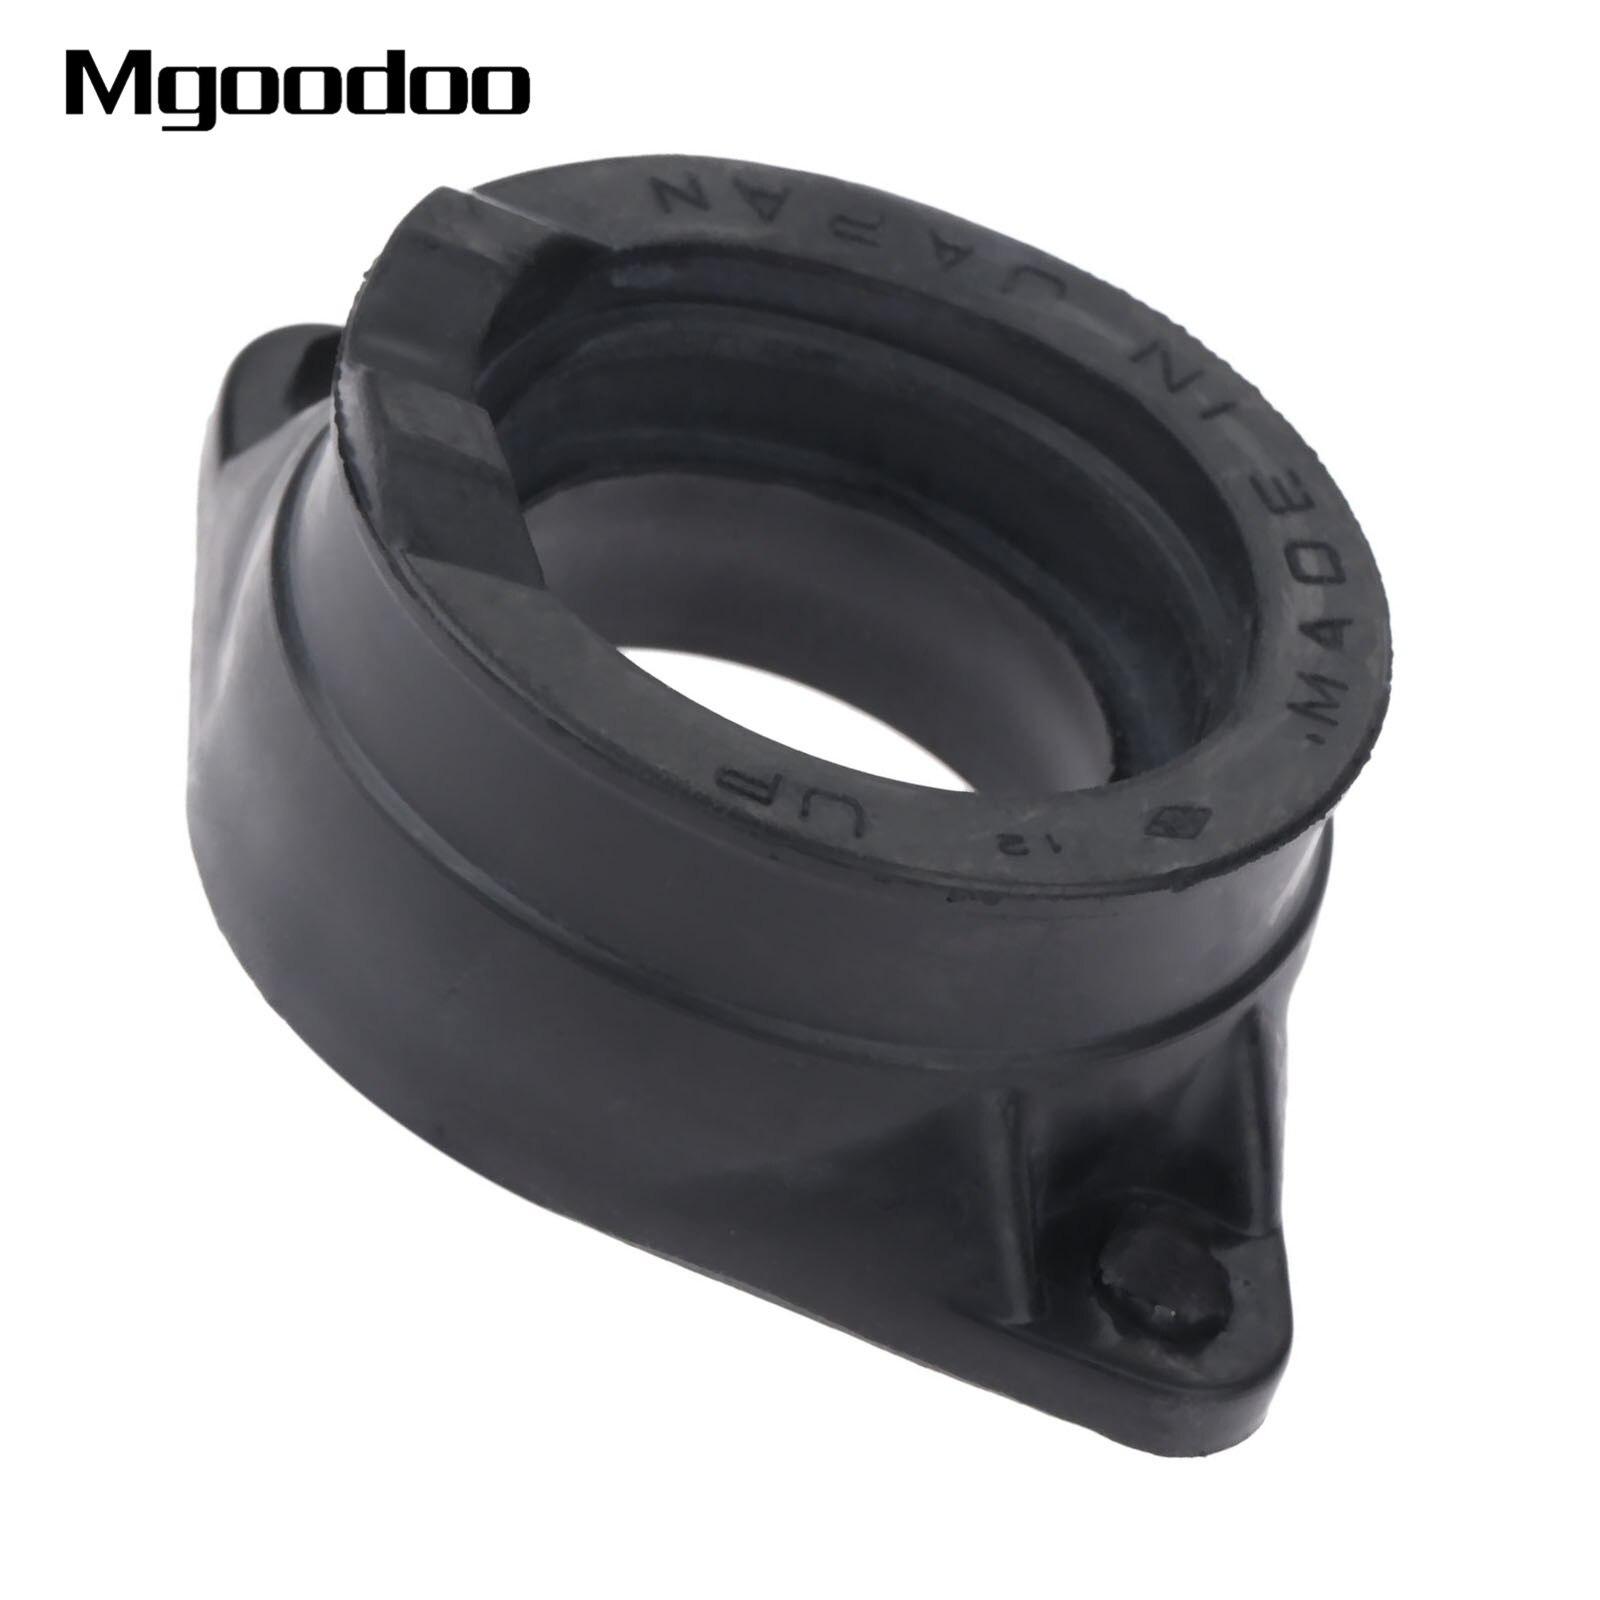 La interfaz de colector de carburador tubo de entrada adaptador pegamento de conector de aislante para Suzuki GN250 DR250 TU250 SP250